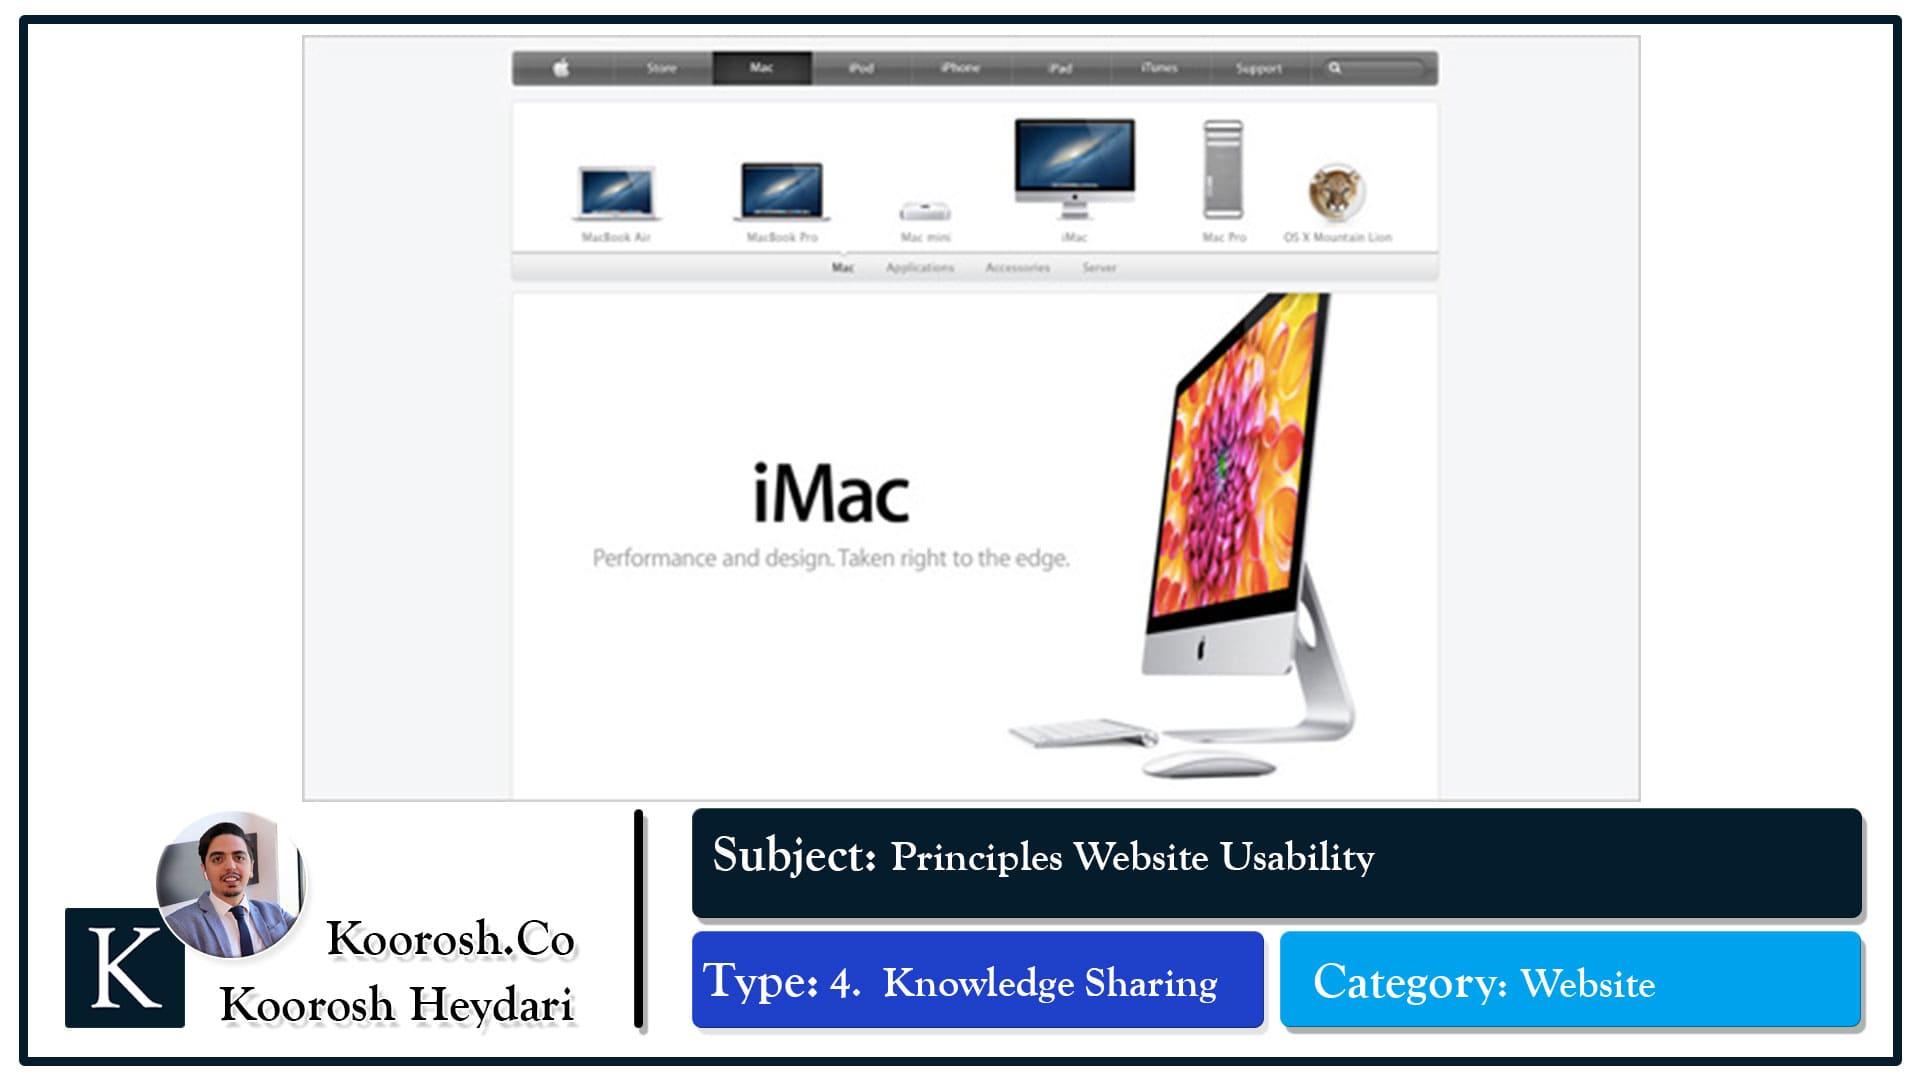 ویژگی های طراحی وبسایت اپل